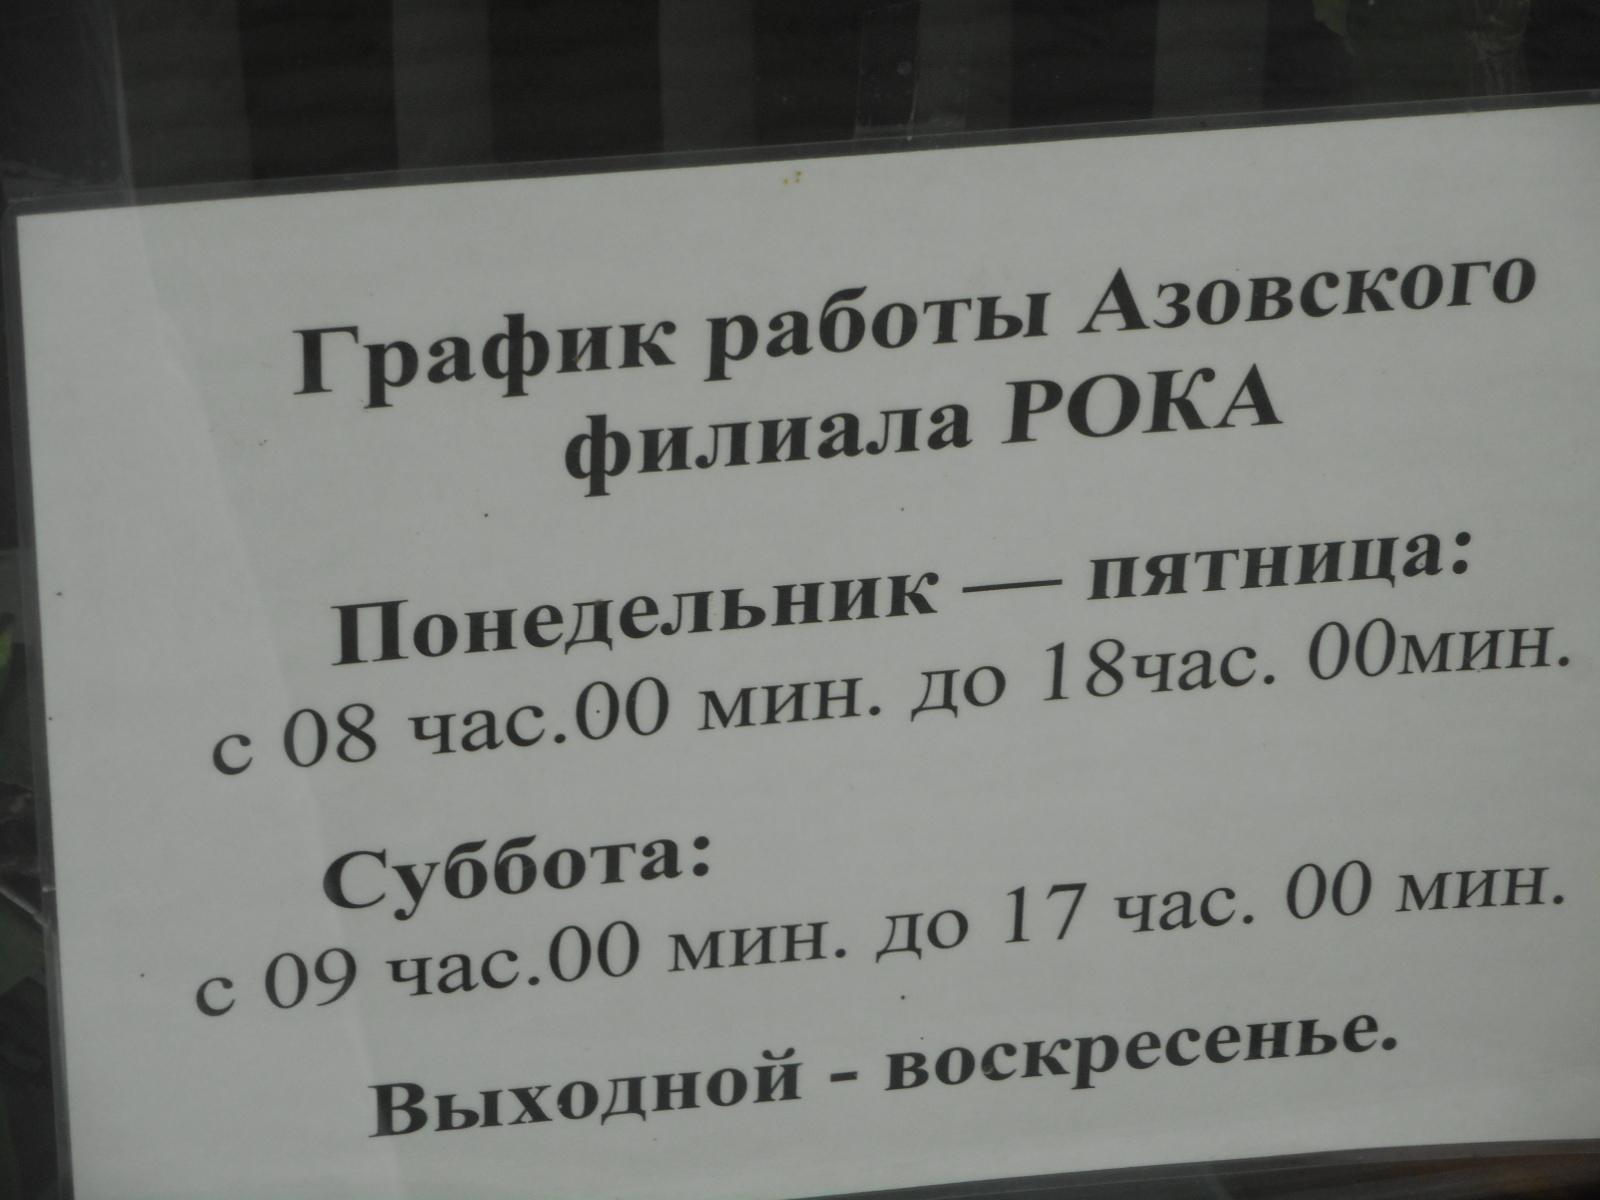 филиал РОКА